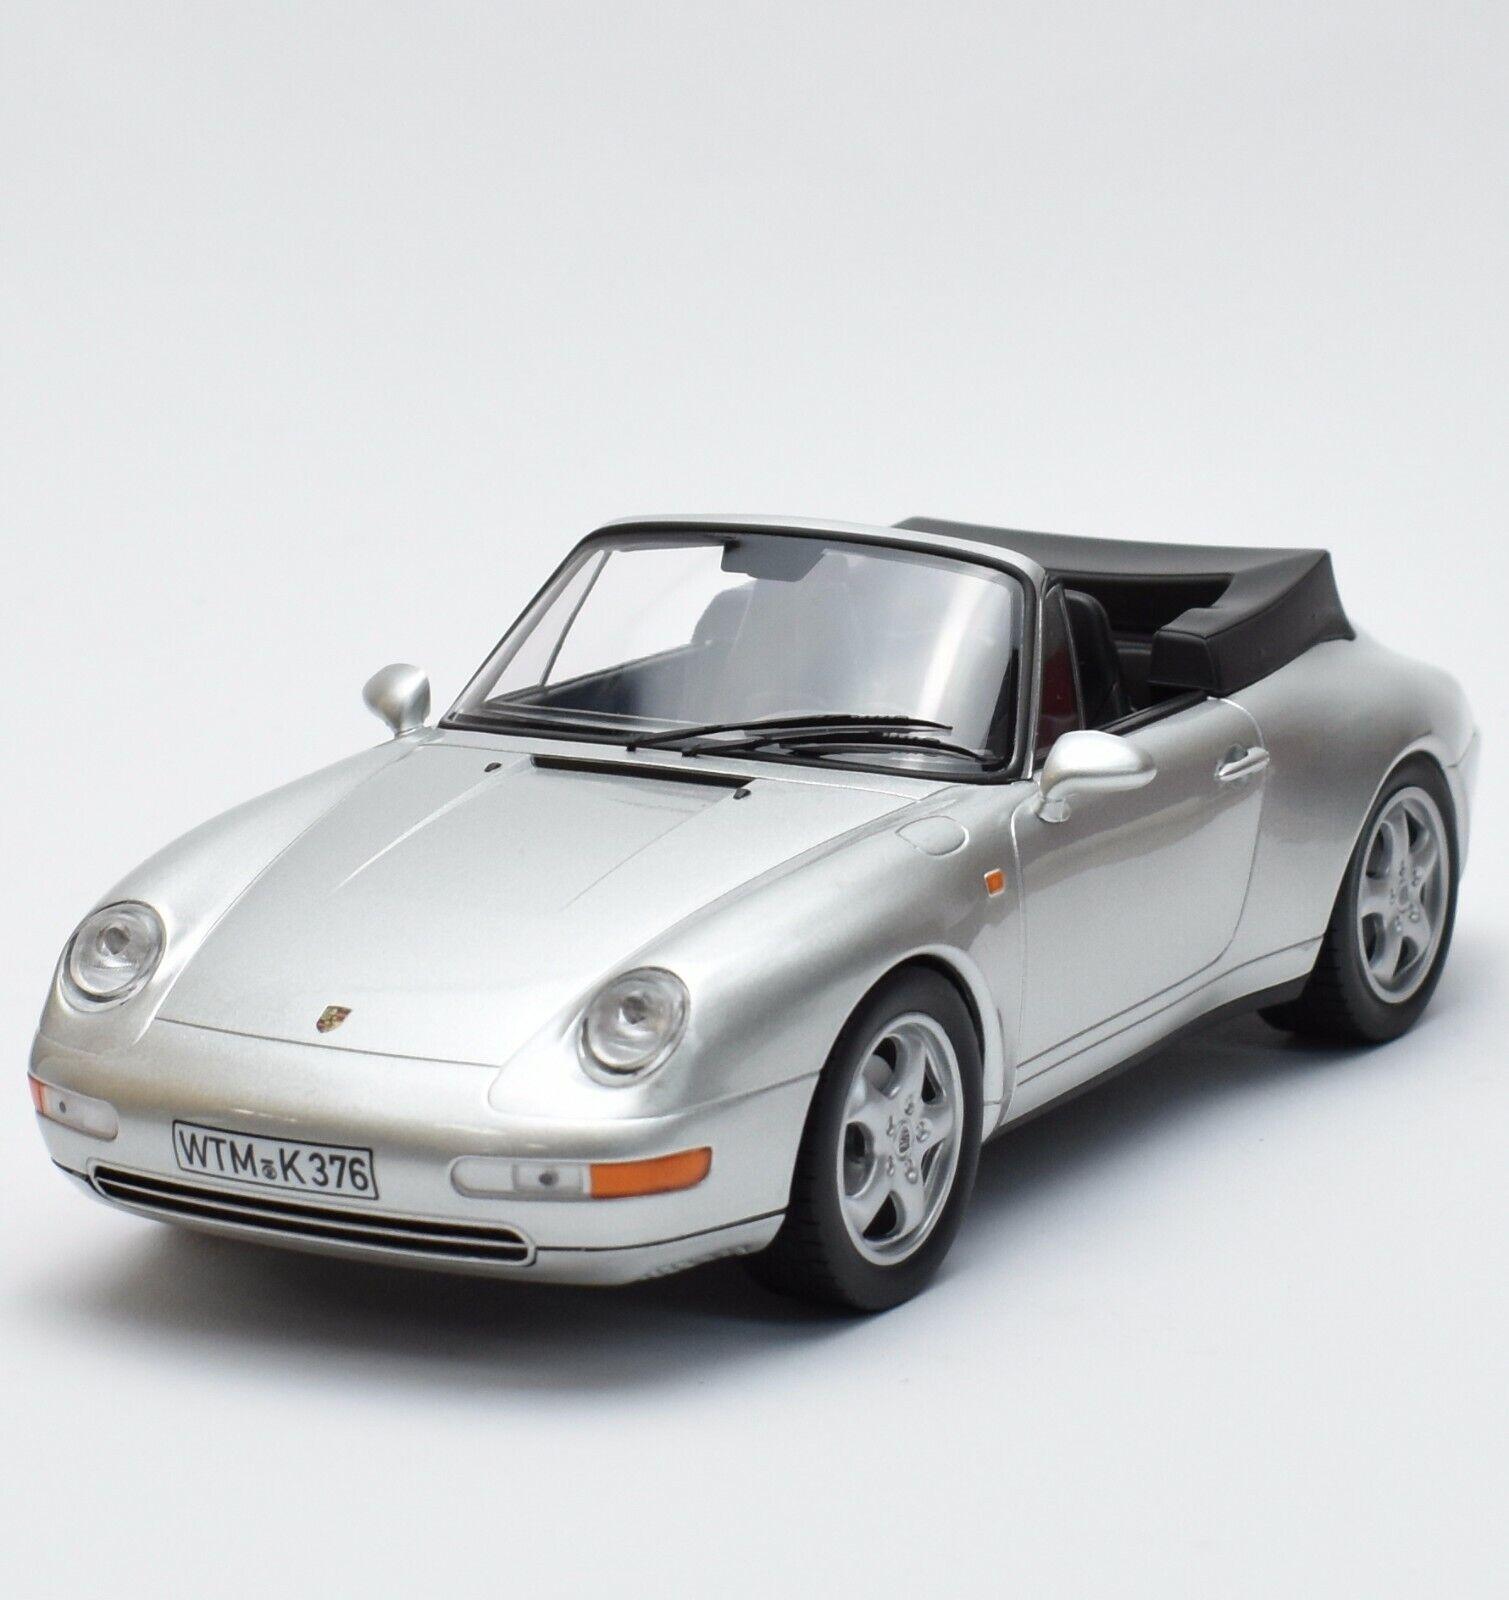 NOREV PORSCHE 911 Carrera Auto Sportiva anno 1993 in argentoo laccato 1 18, OVP, b318